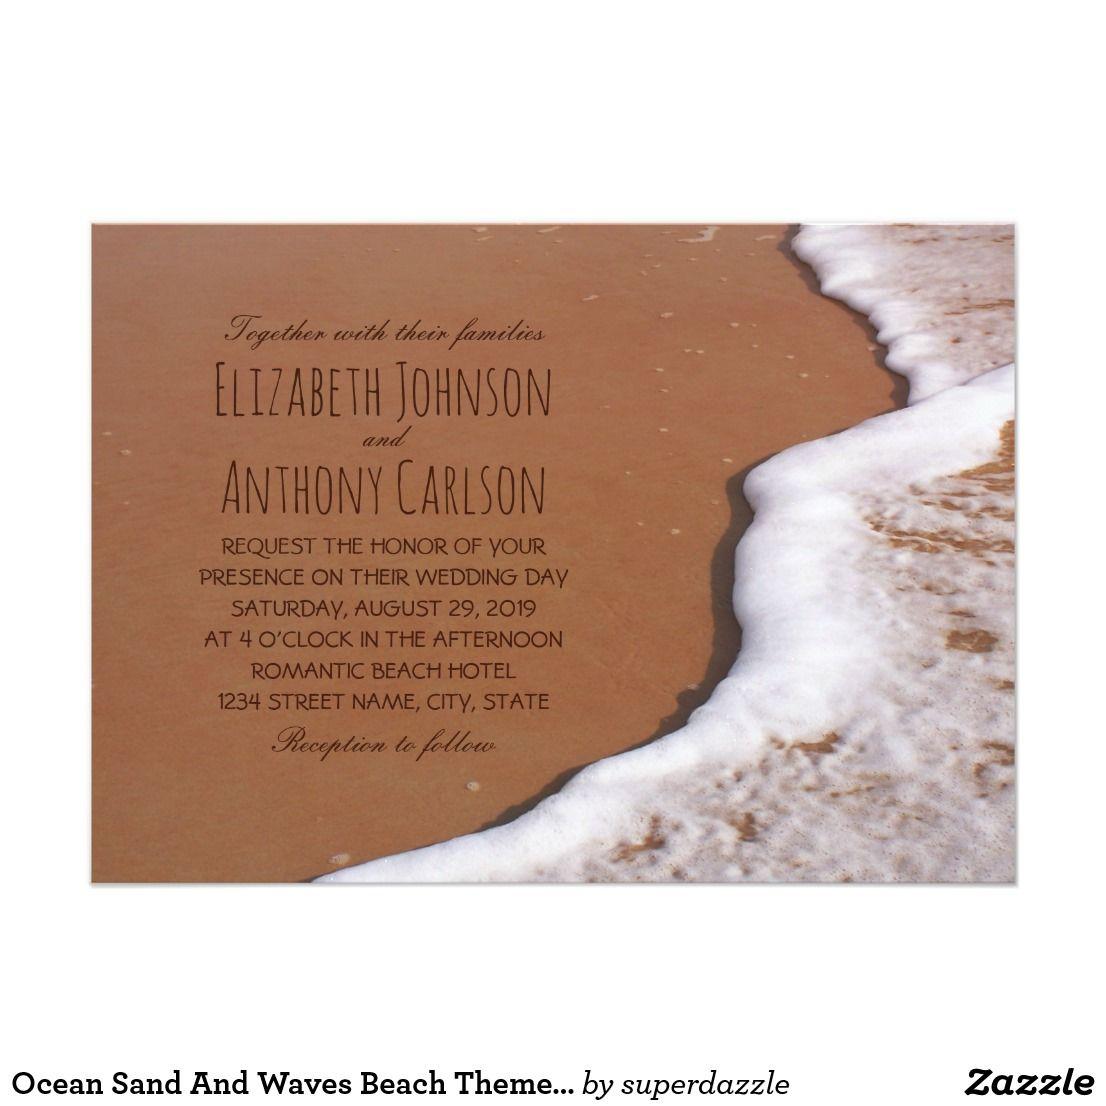 Ocean Sand And Waves Beach Themed Wedding Card Invites Wedding